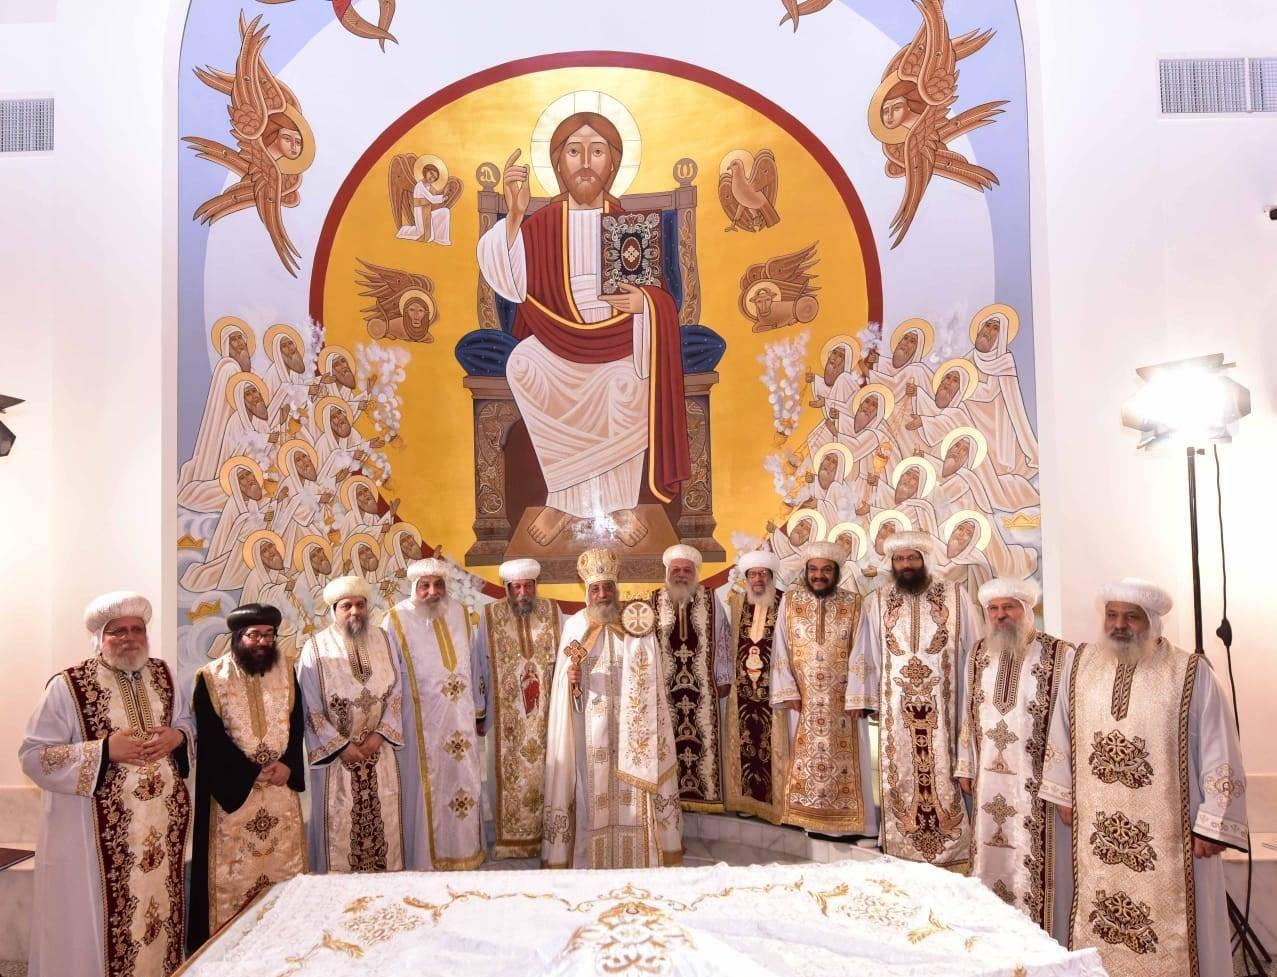 تدشين كنيسة العذراء ببشاير الخير (5)